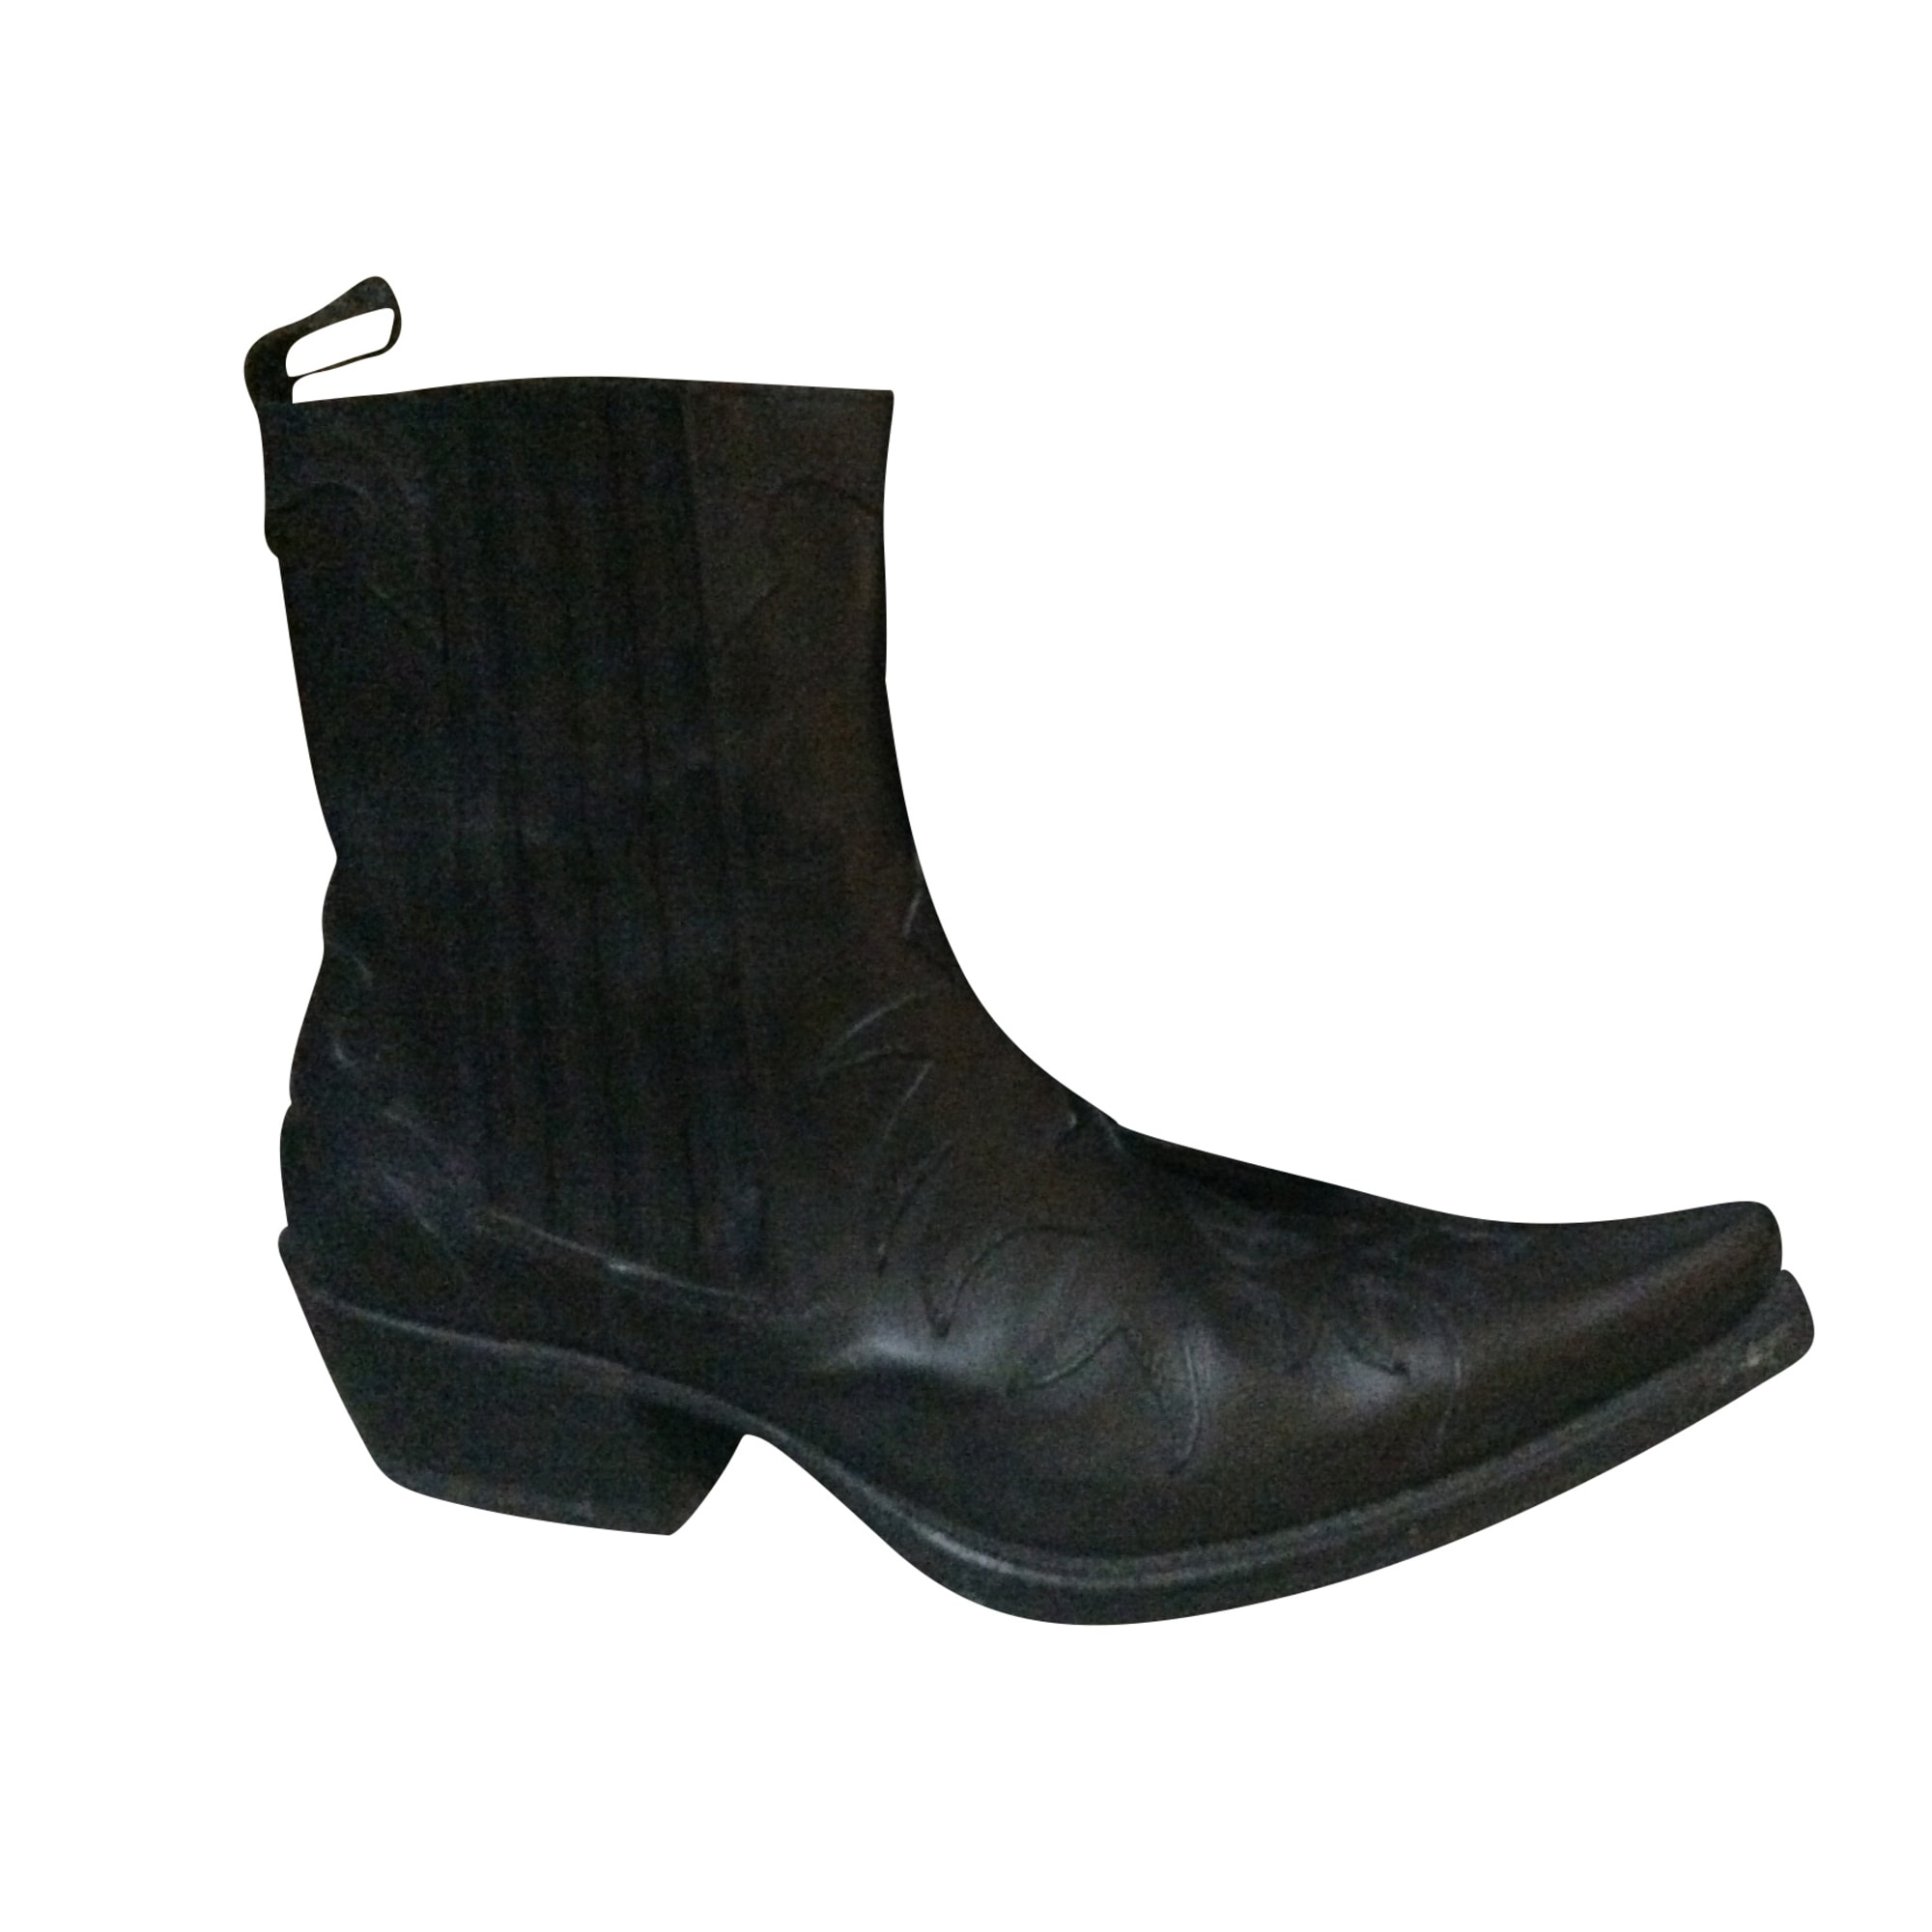 Stiefeletten, Ankle Boots SARTORE Schwarz